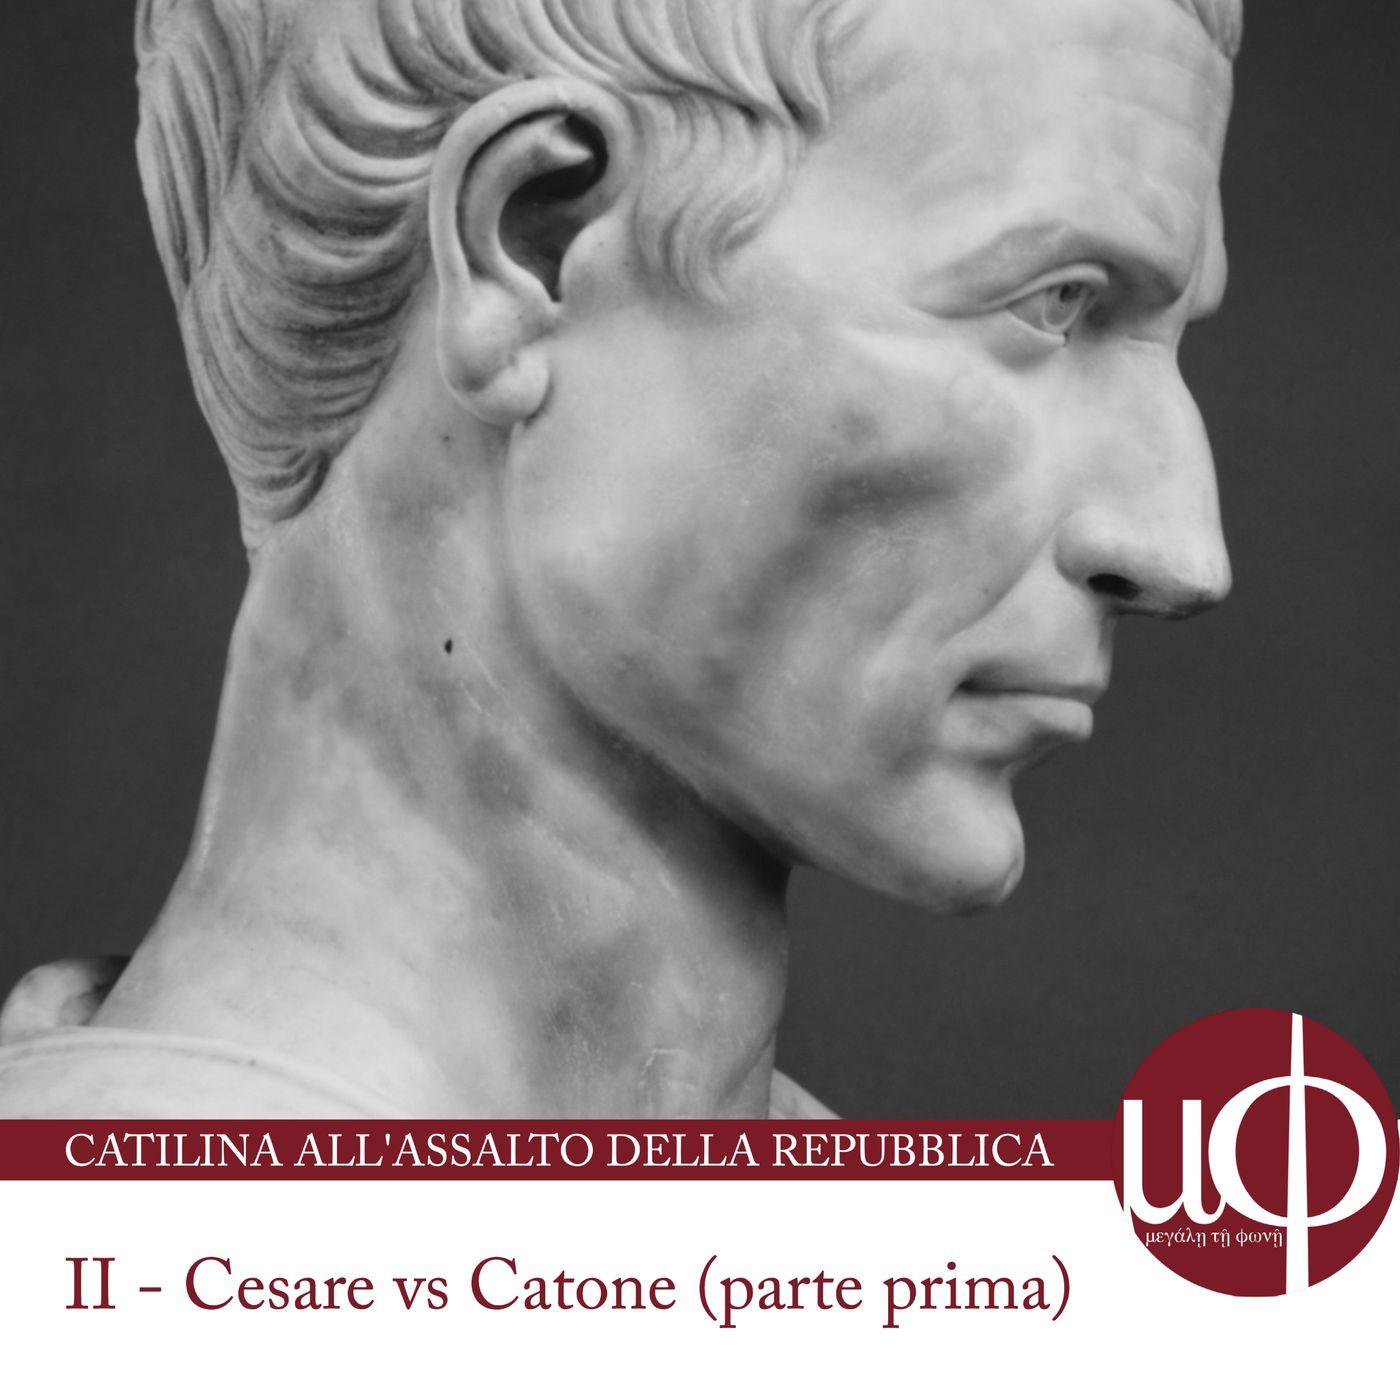 Catilina all'assalto della Repubblica - Cesare vs Catone I - seconda puntata